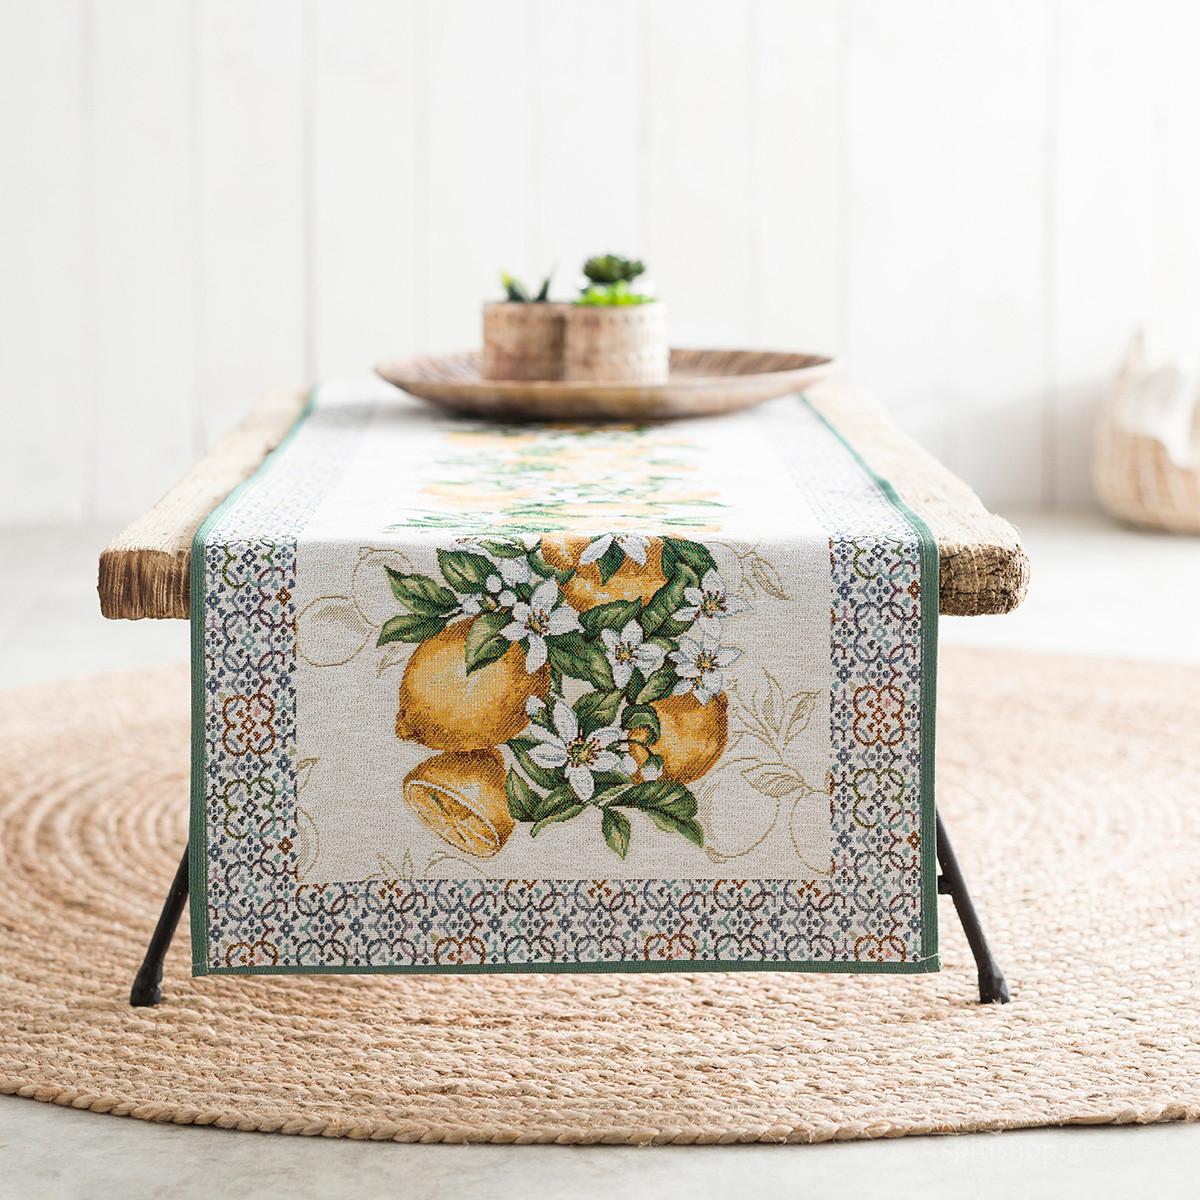 Σεμέν (40x100) Gofis Home Sicily 805 home   κουζίνα   τραπεζαρία   τραβέρσες